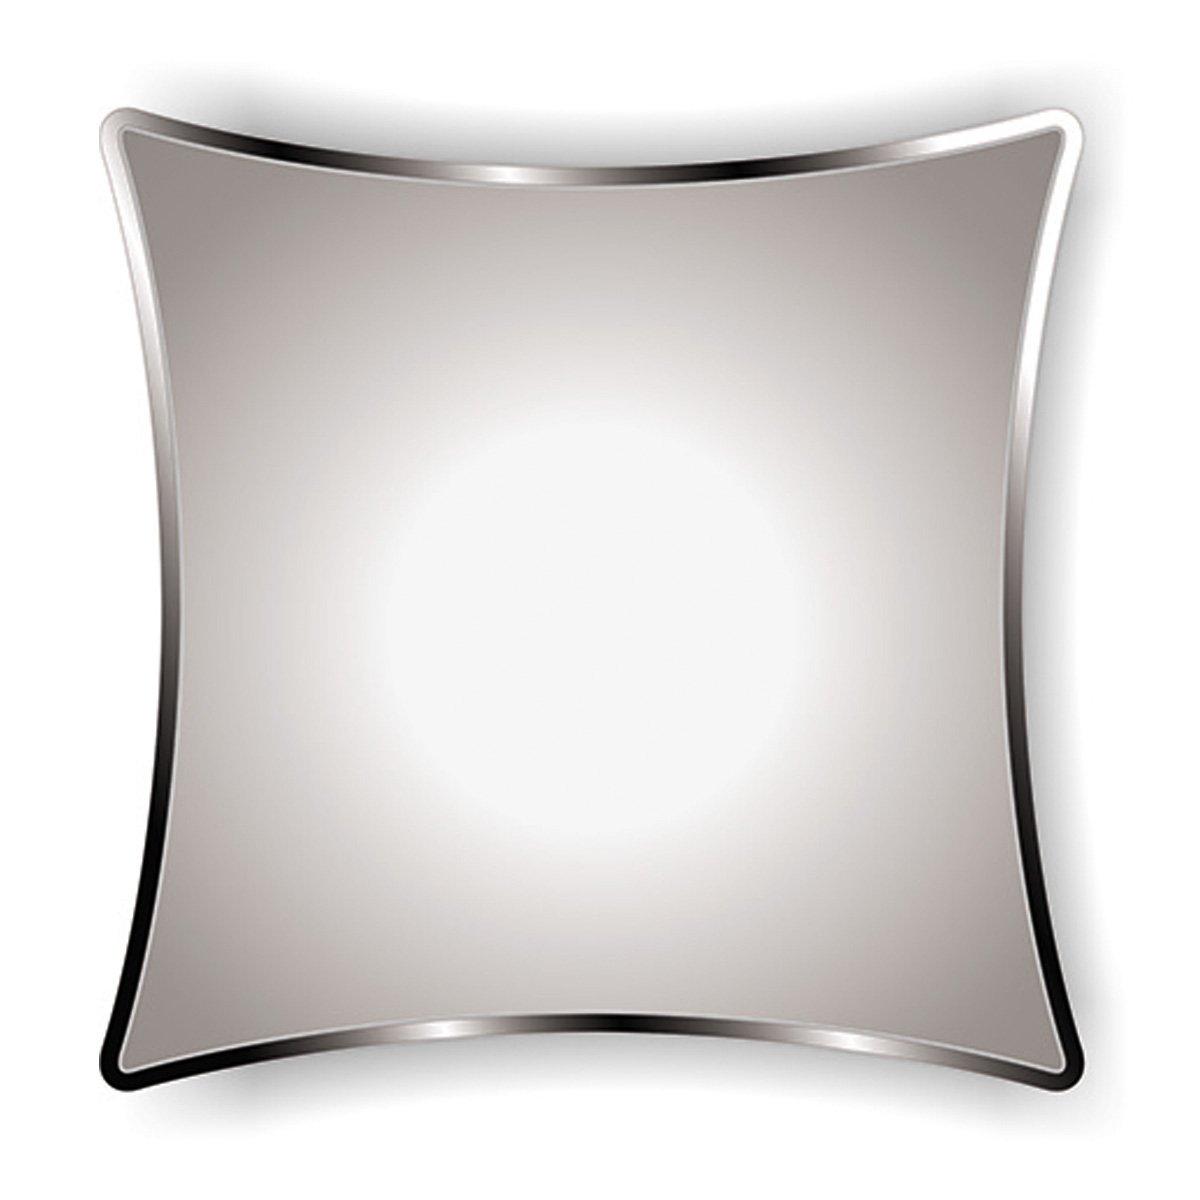 Espejo 60x60cms estrella sears com mx me entiende for Espejo envejecido precio